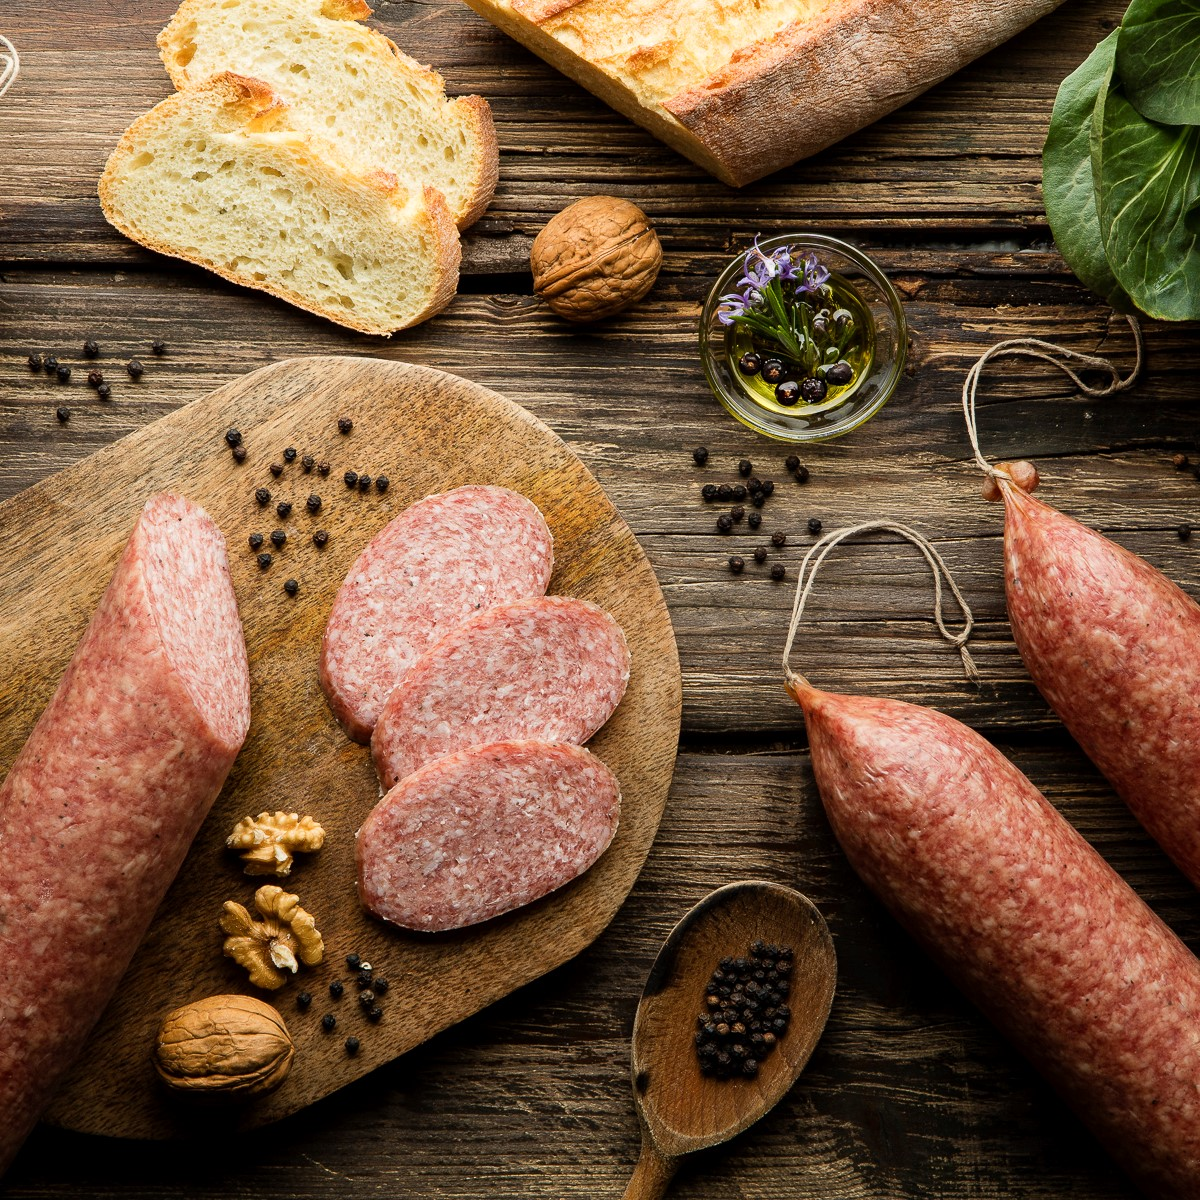 salumi-ciauscolo-salame-tartufo-artigianale-tomassoni-salumificio-jesi-qualità-vendita-online-prezzo